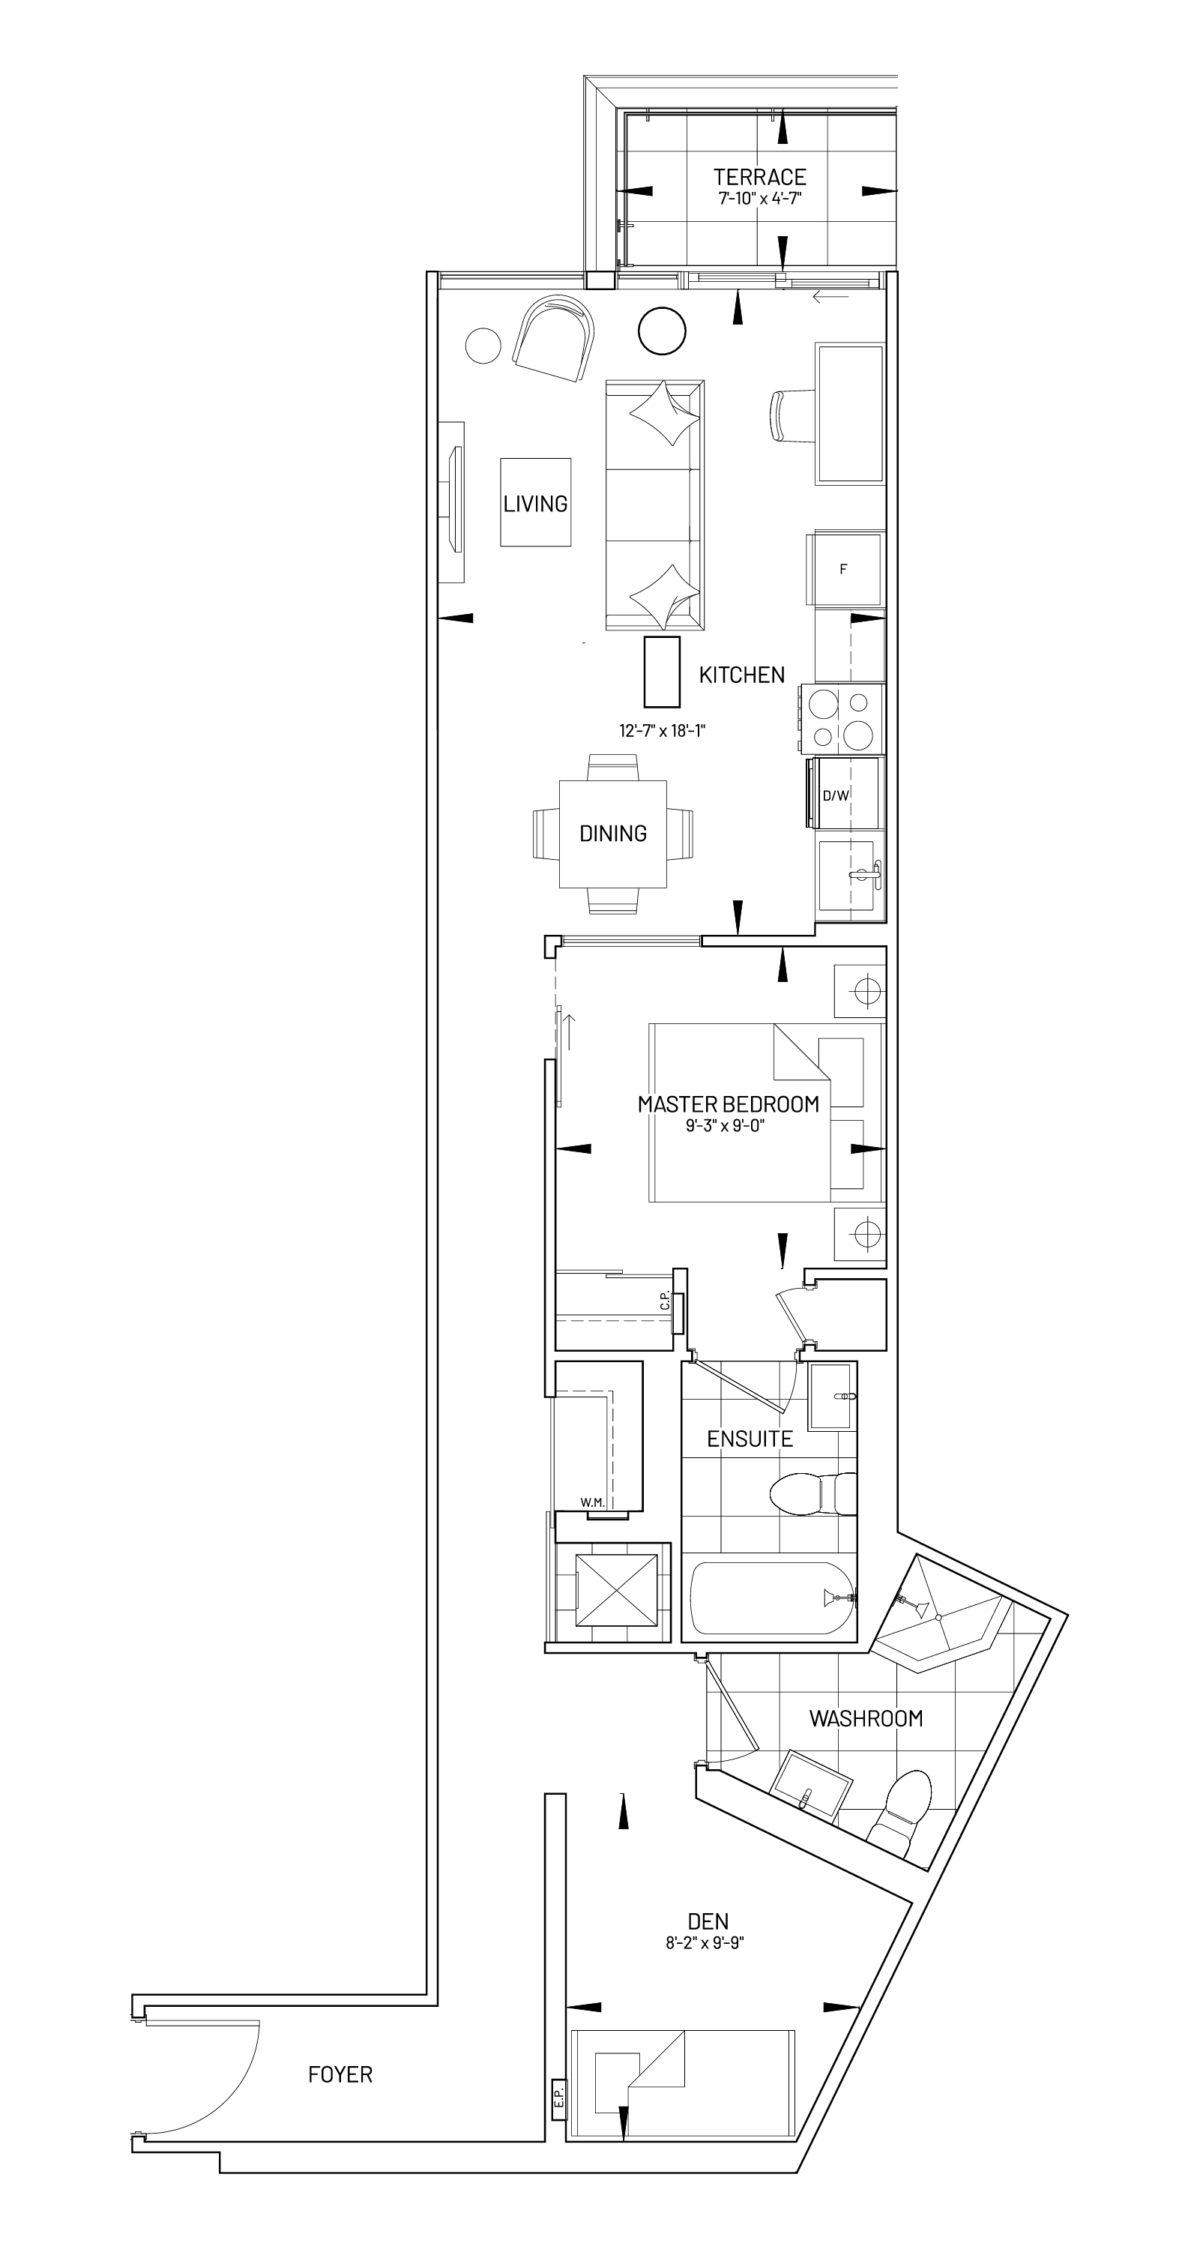 Suite 1D-AW Floor Plan